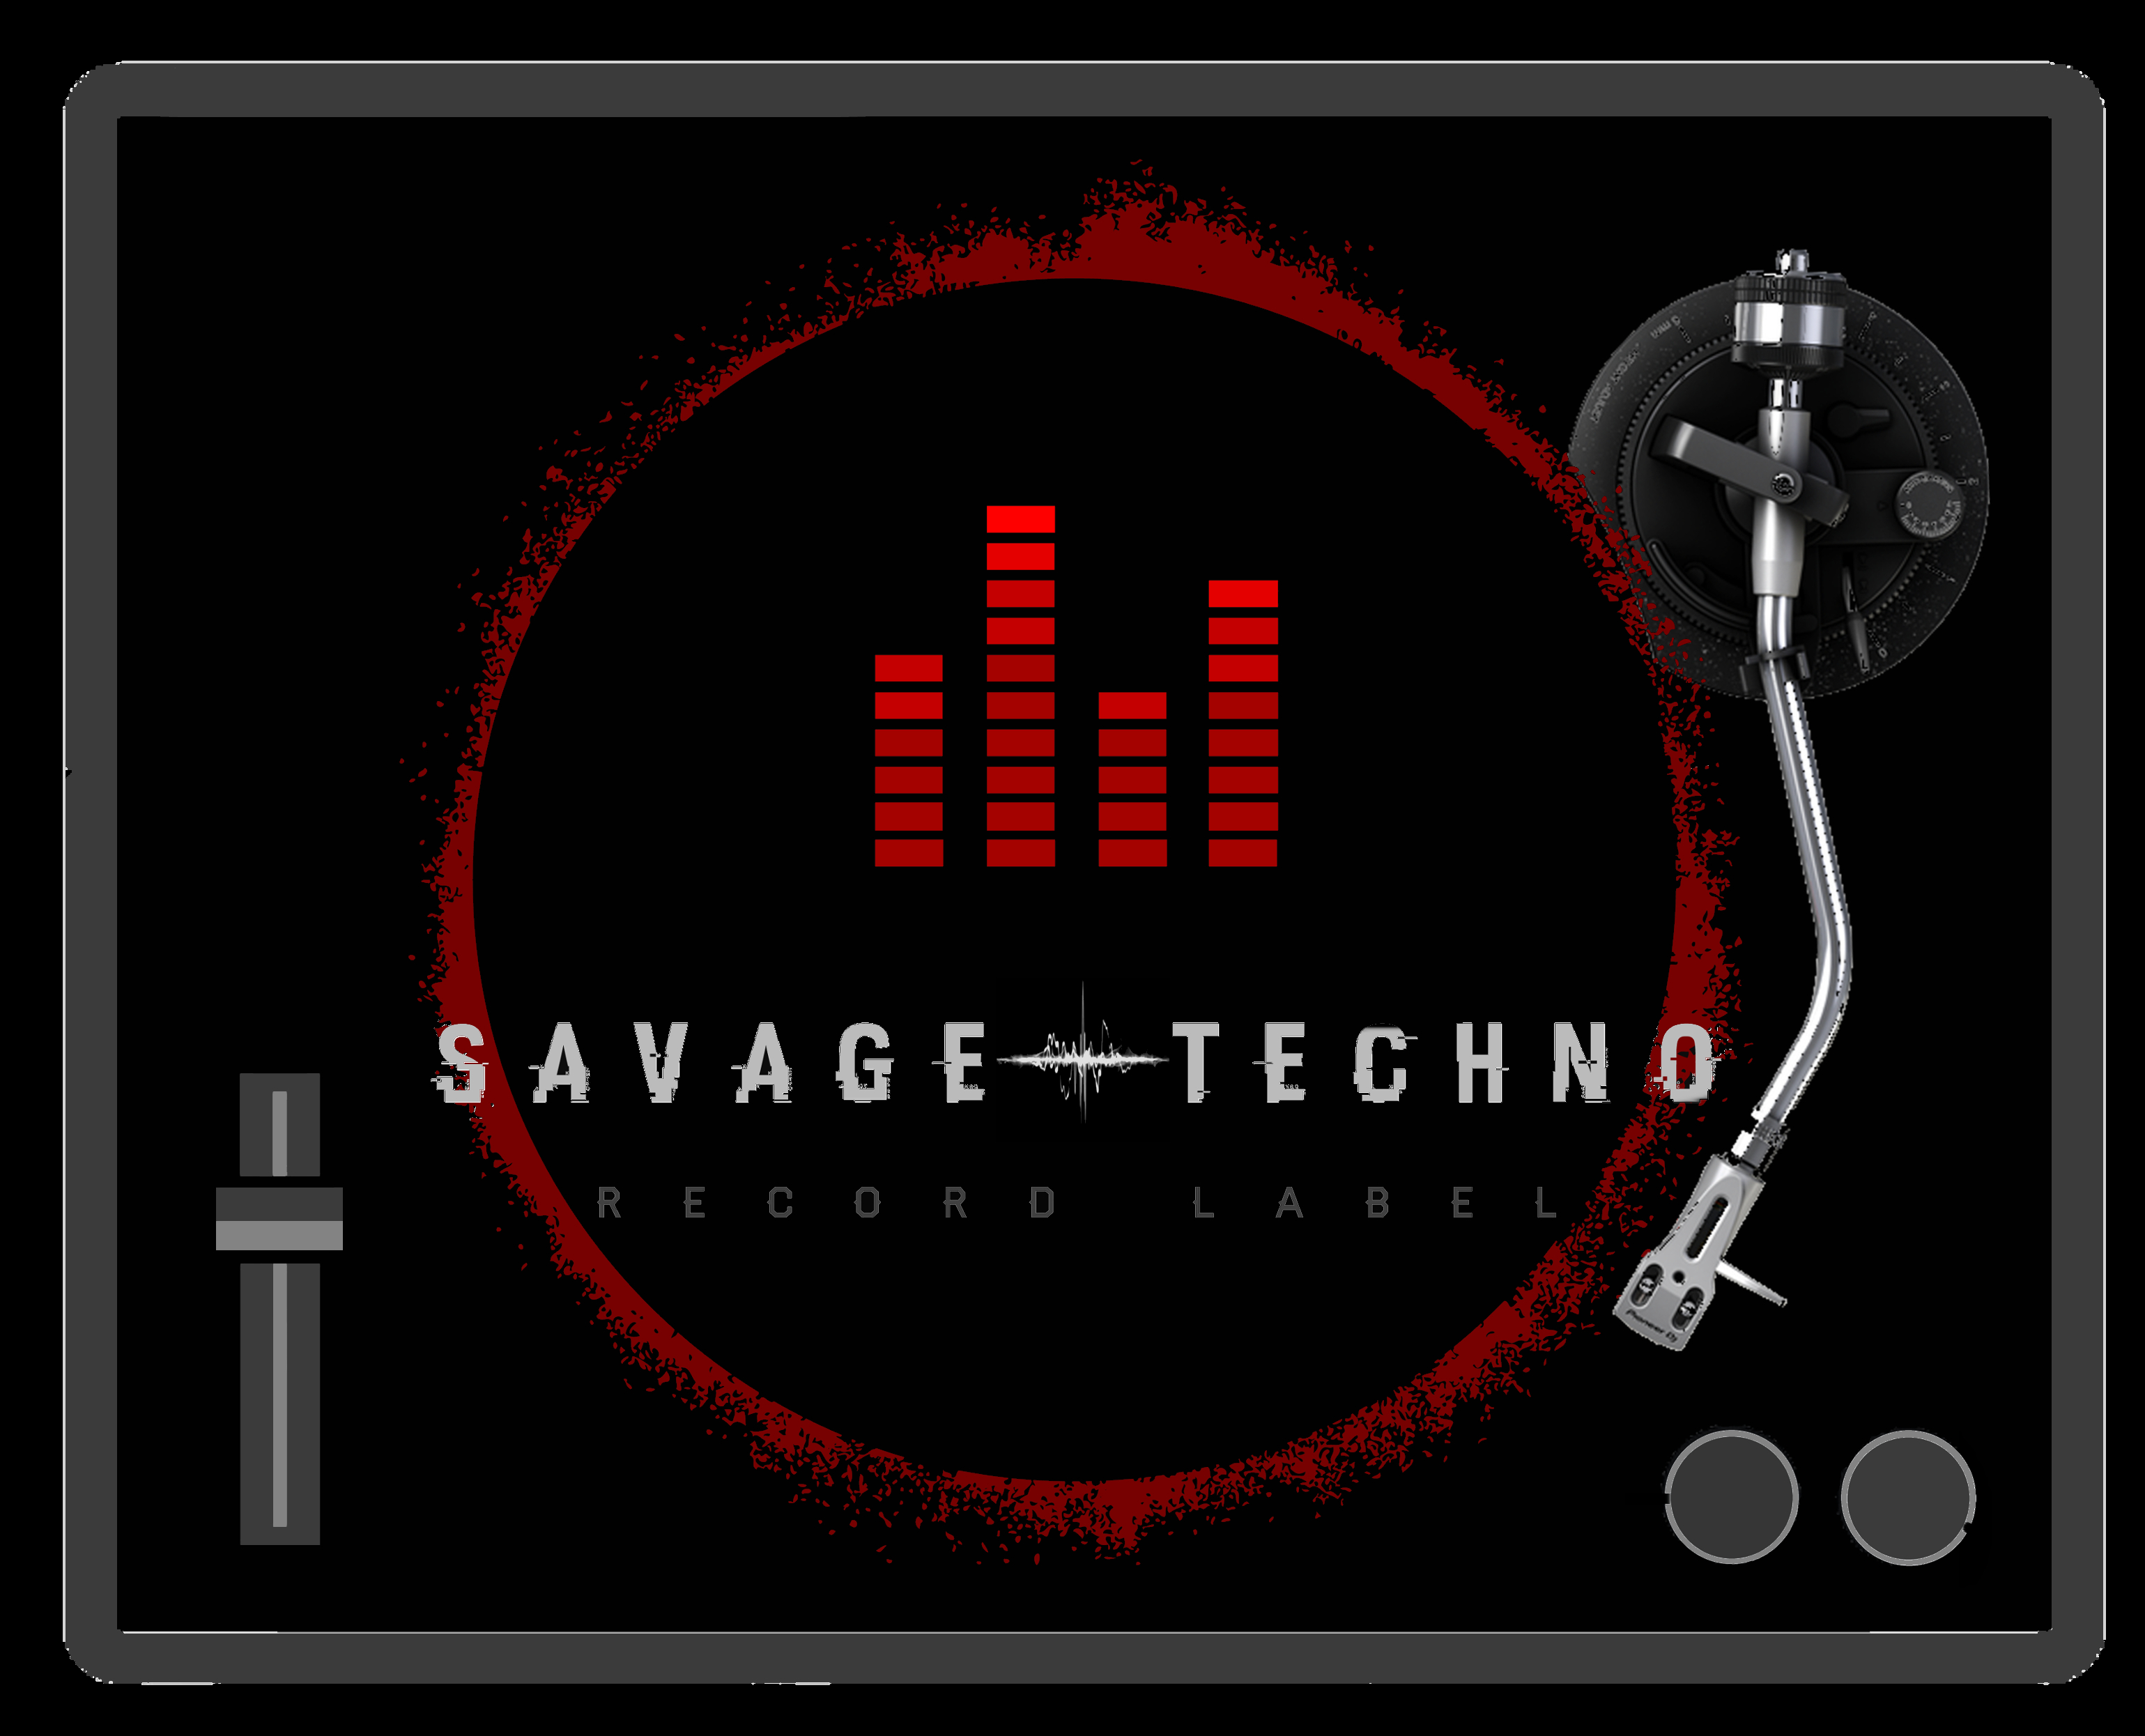 logo_SVG-TRL_2018_v2.jpg